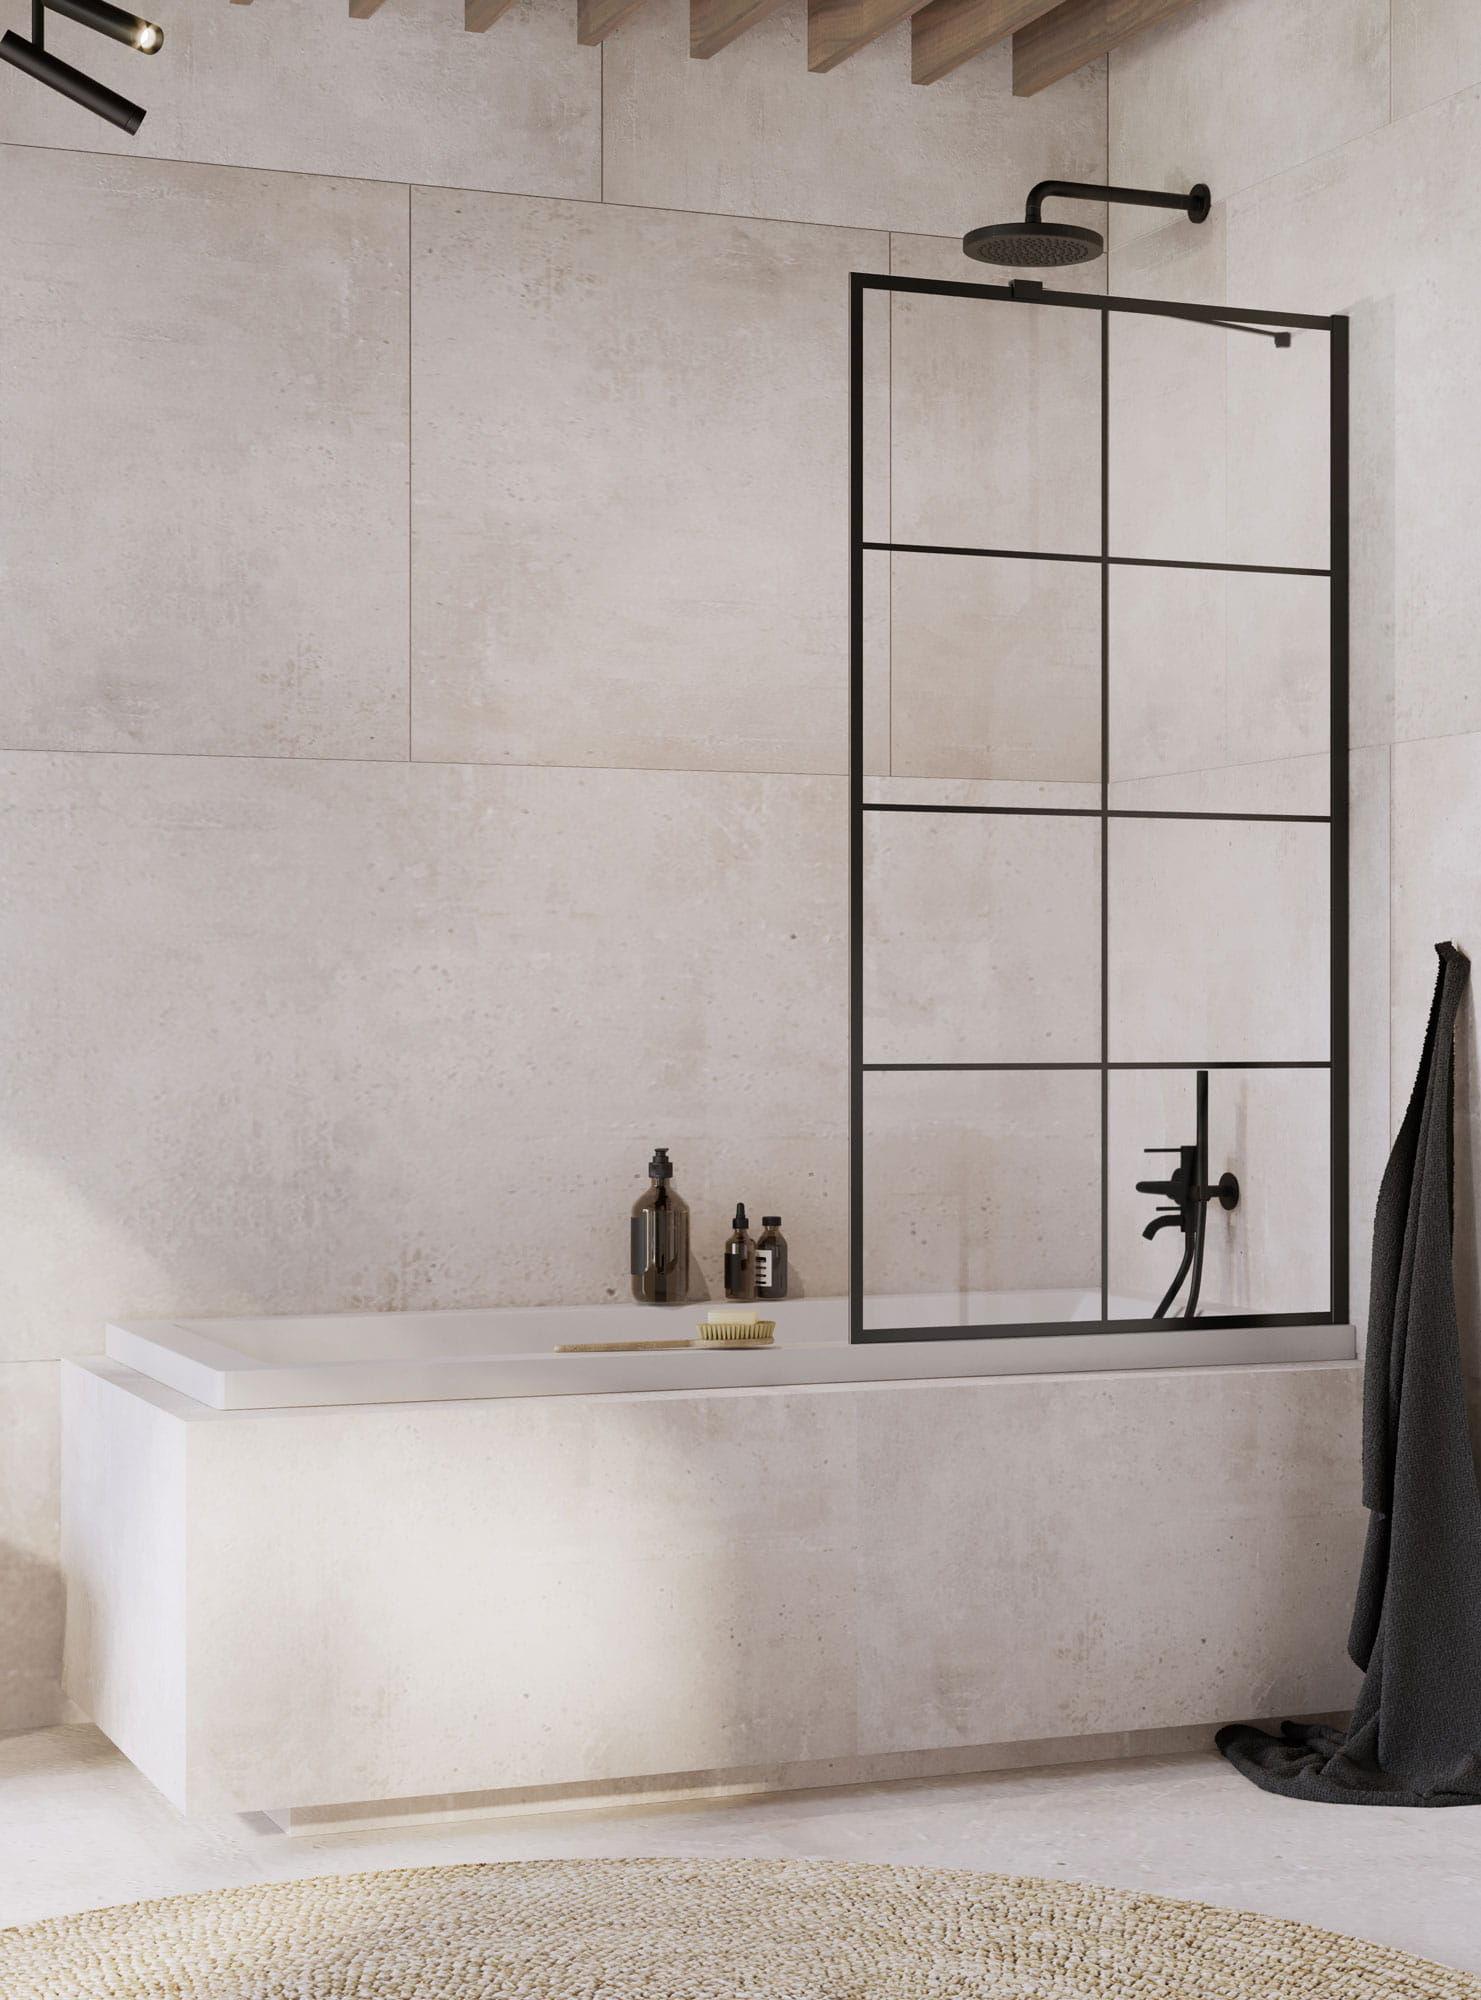 Radaway parawan nawannowy Idea Black PNJ Factory 60 cm, szkło przejrzyste, wys. 150 cm 10001060-54-55